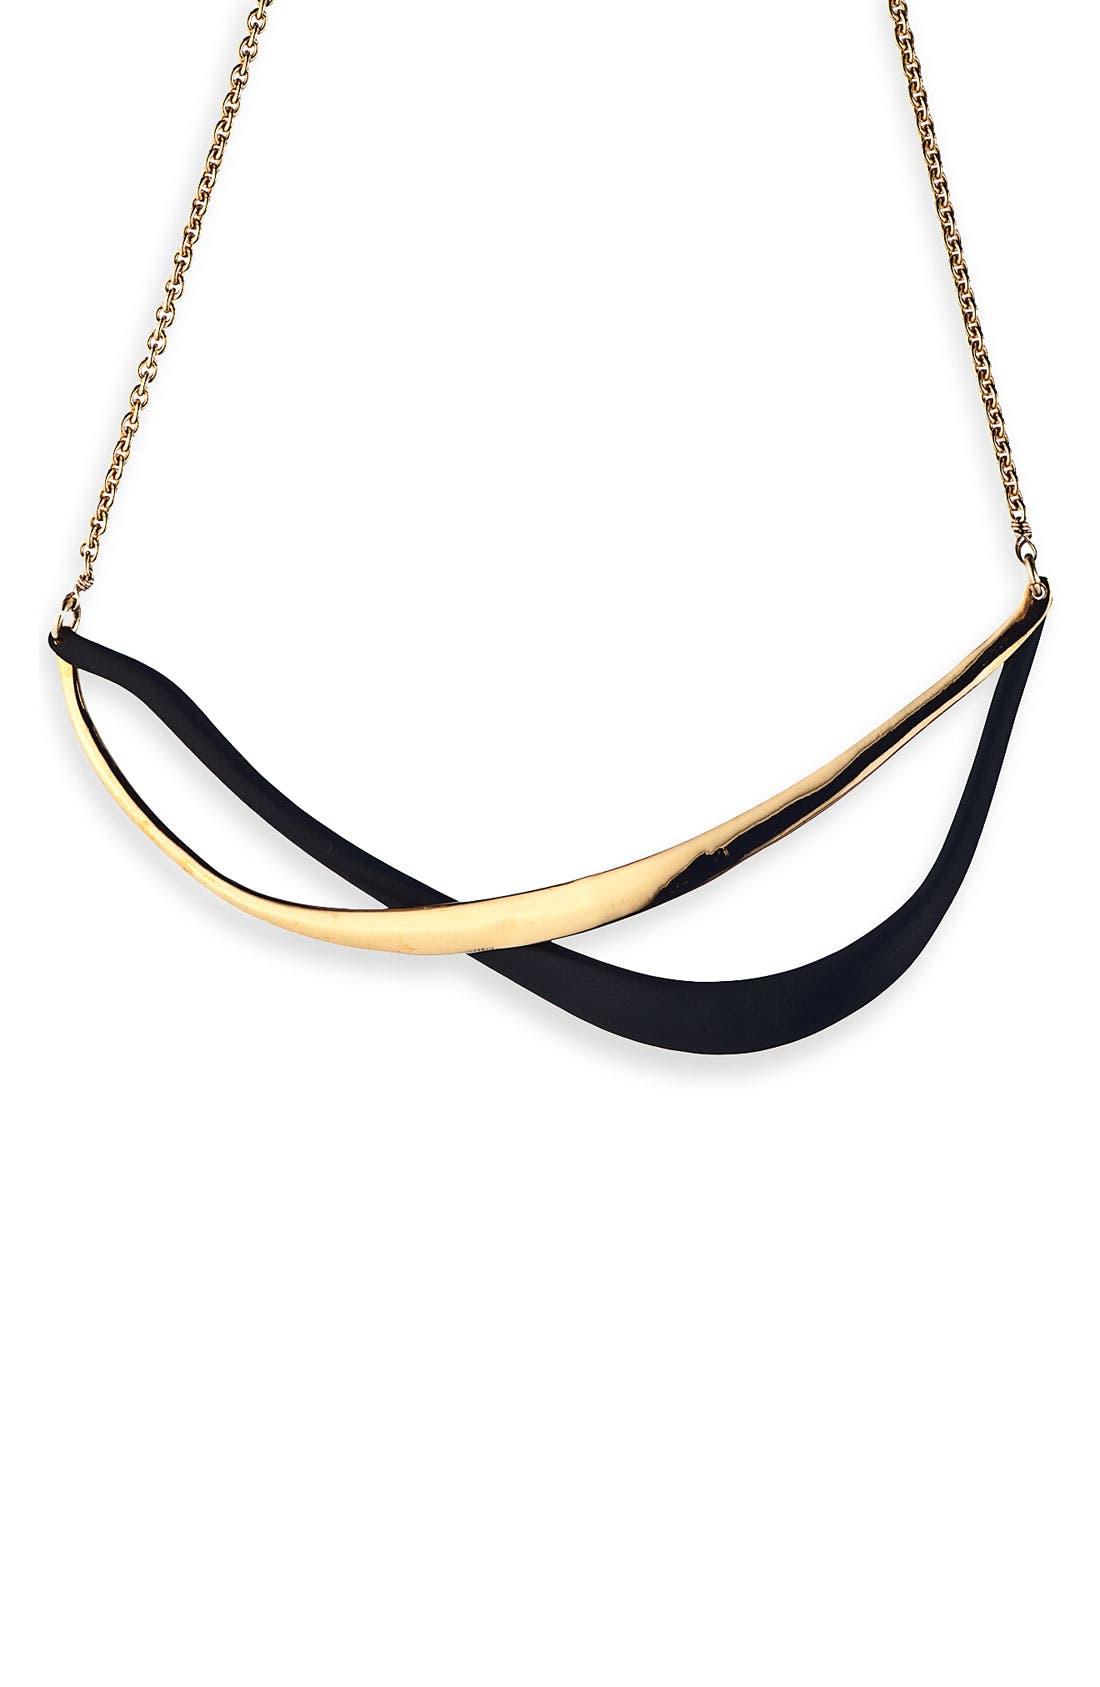 Alternate Image 1 Selected - Alexis Bittar 'Miss Havisham' Liquid Metal Twined Necklace